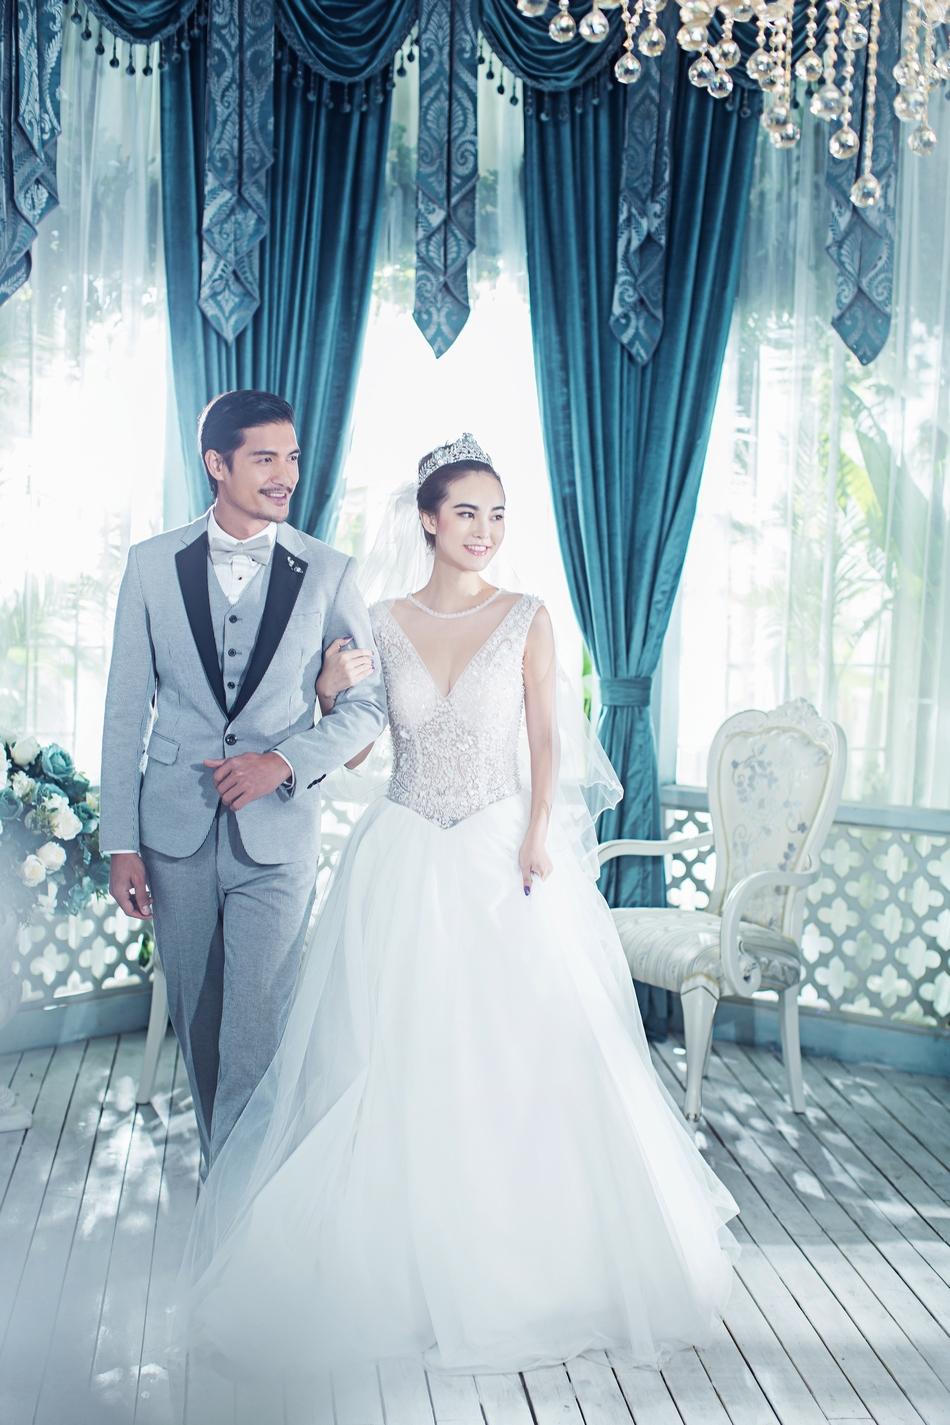 东莞婚纱照摄影,欧式婚纱照室内景